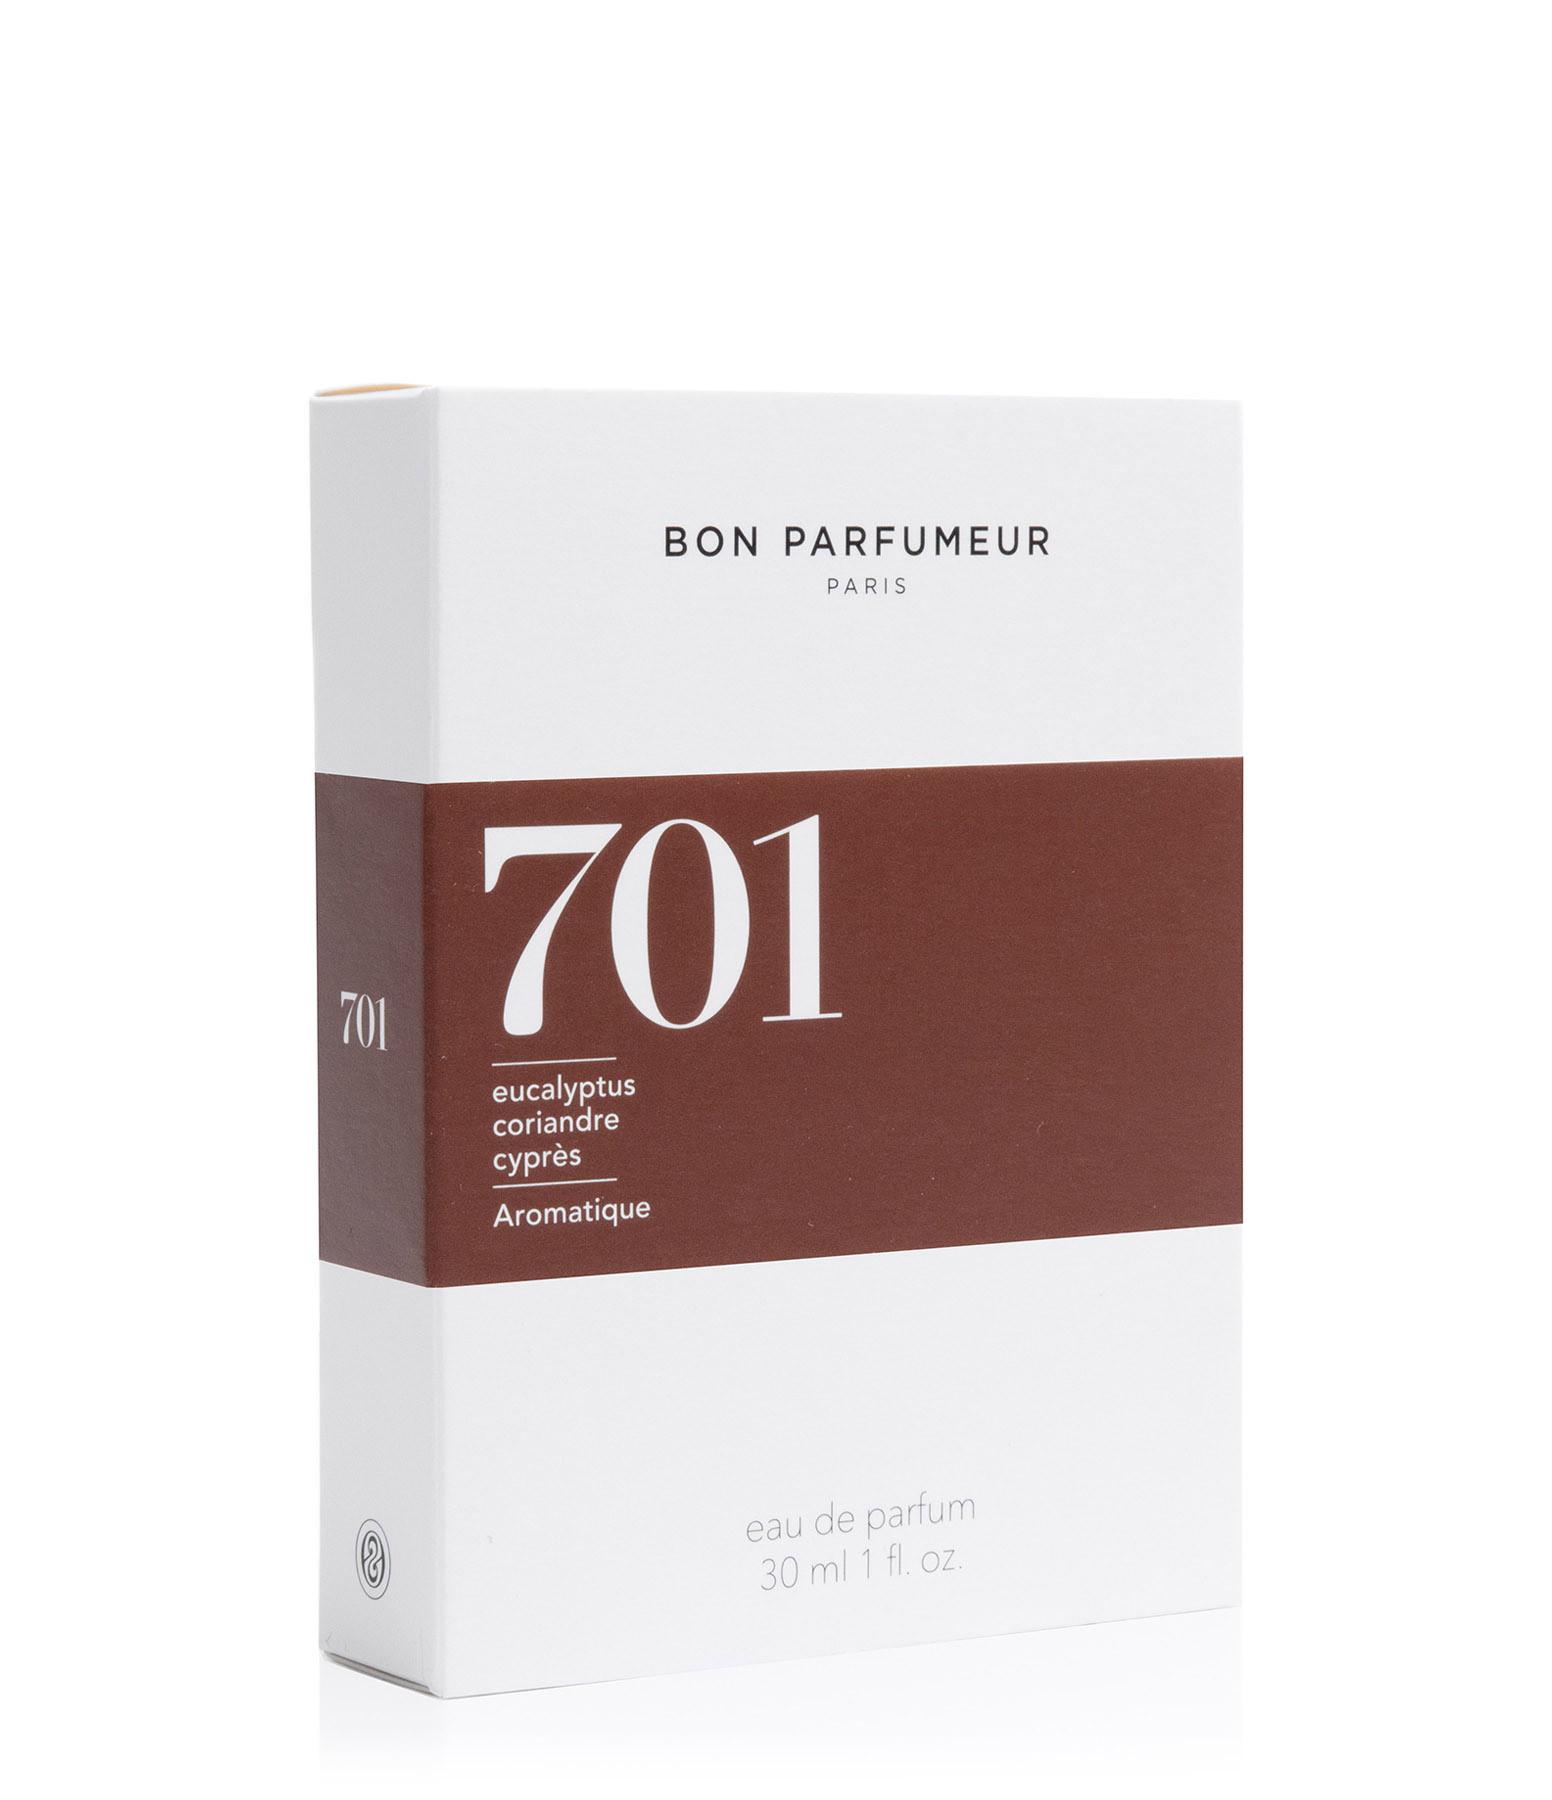 BON PARFUMEUR - Eau de Parfum #701 Eucalyptus, Coriandre, Cyprès, Bois Blanc, Ambre